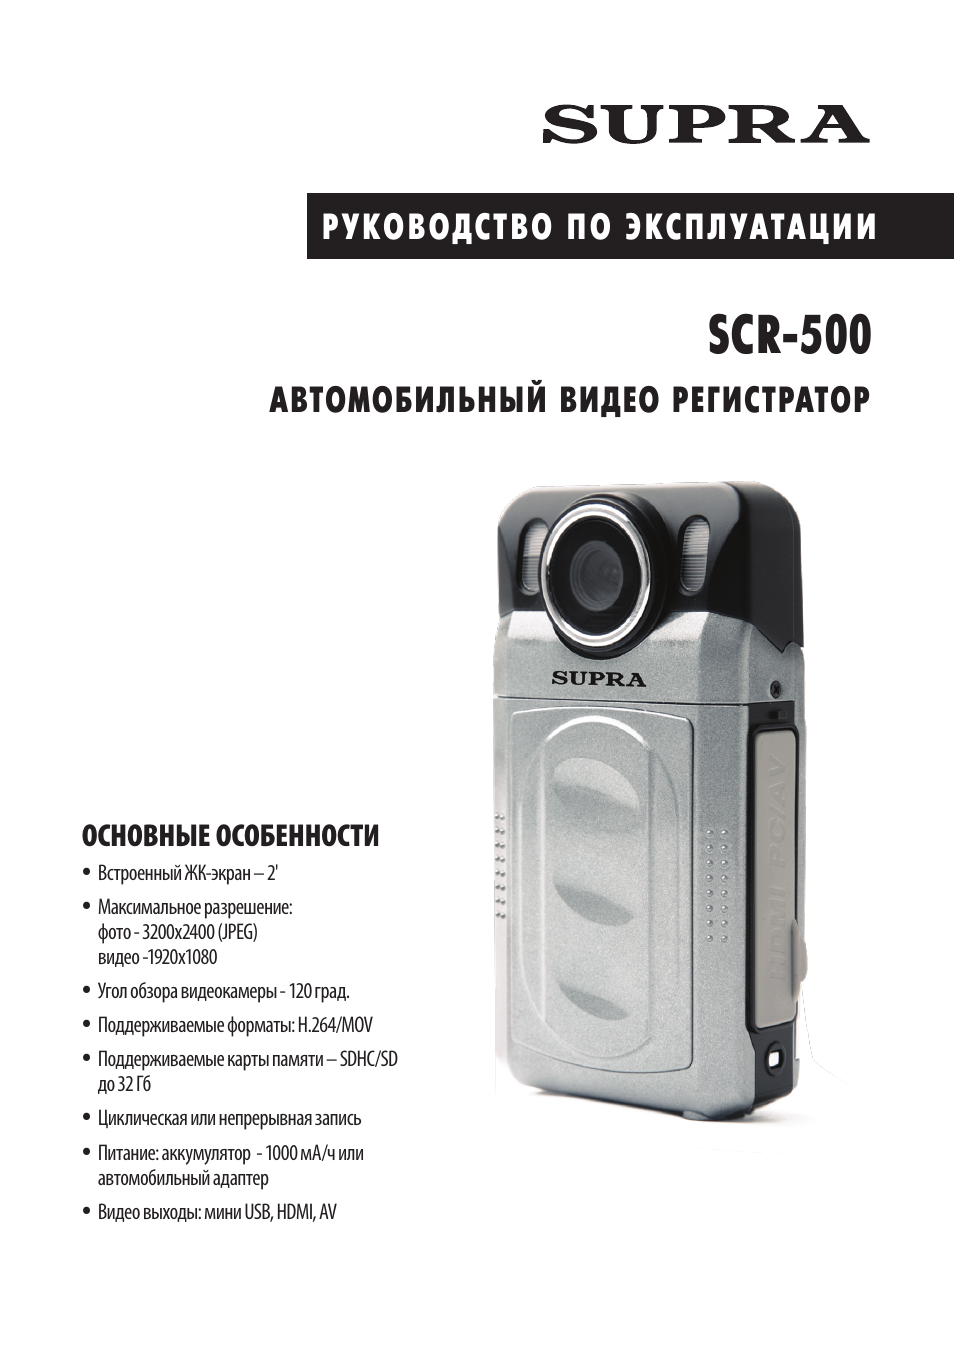 Supra scr 500 видеорегистратор инструкция